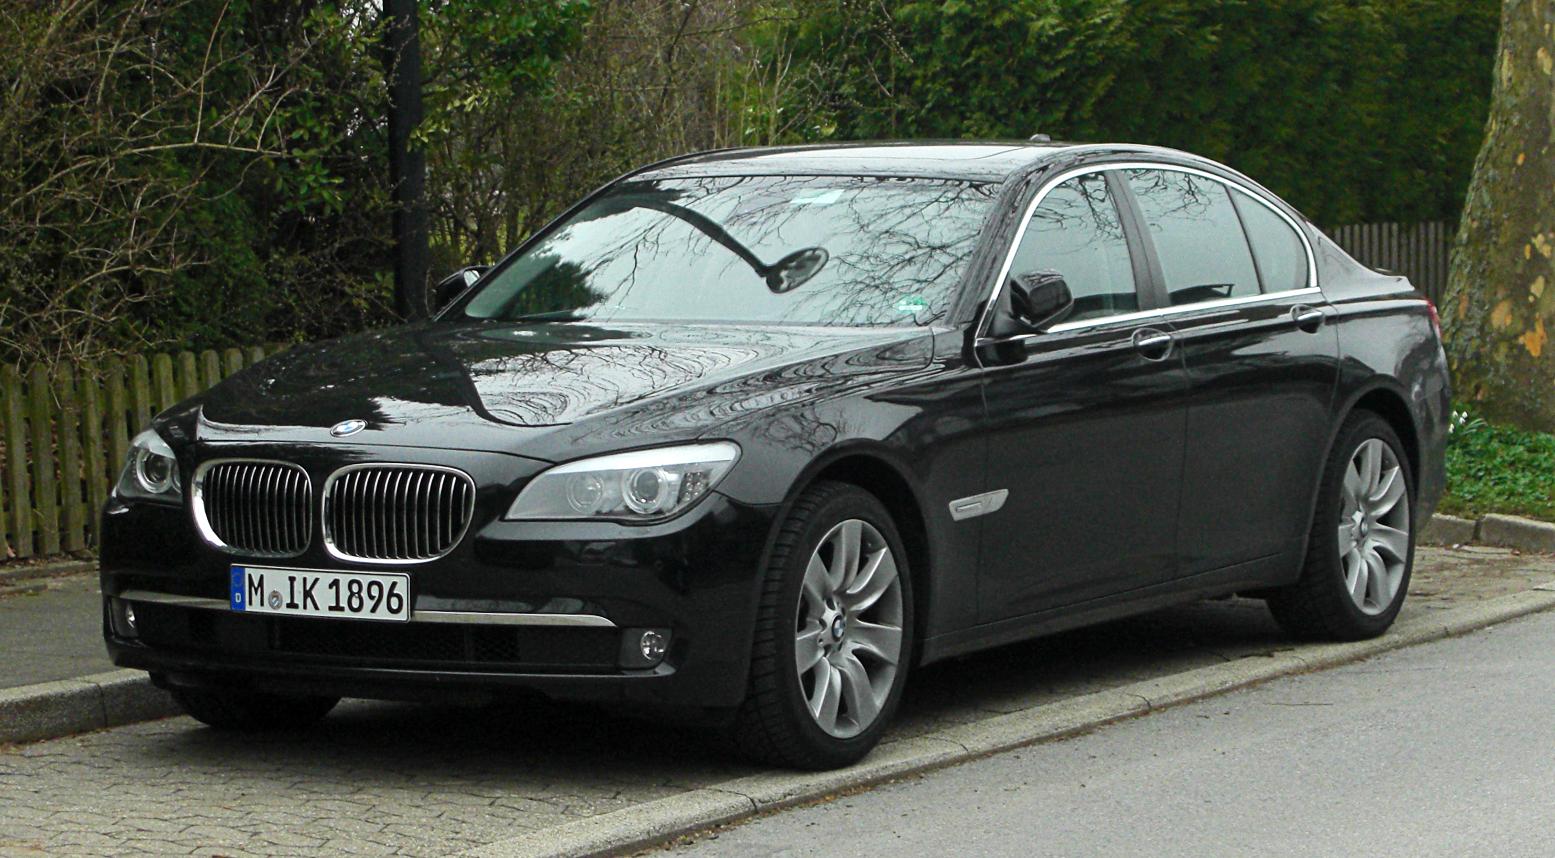 BMW M Series >> File:BMW 730d (F01) – Frontansicht, 17. März 2011 ...